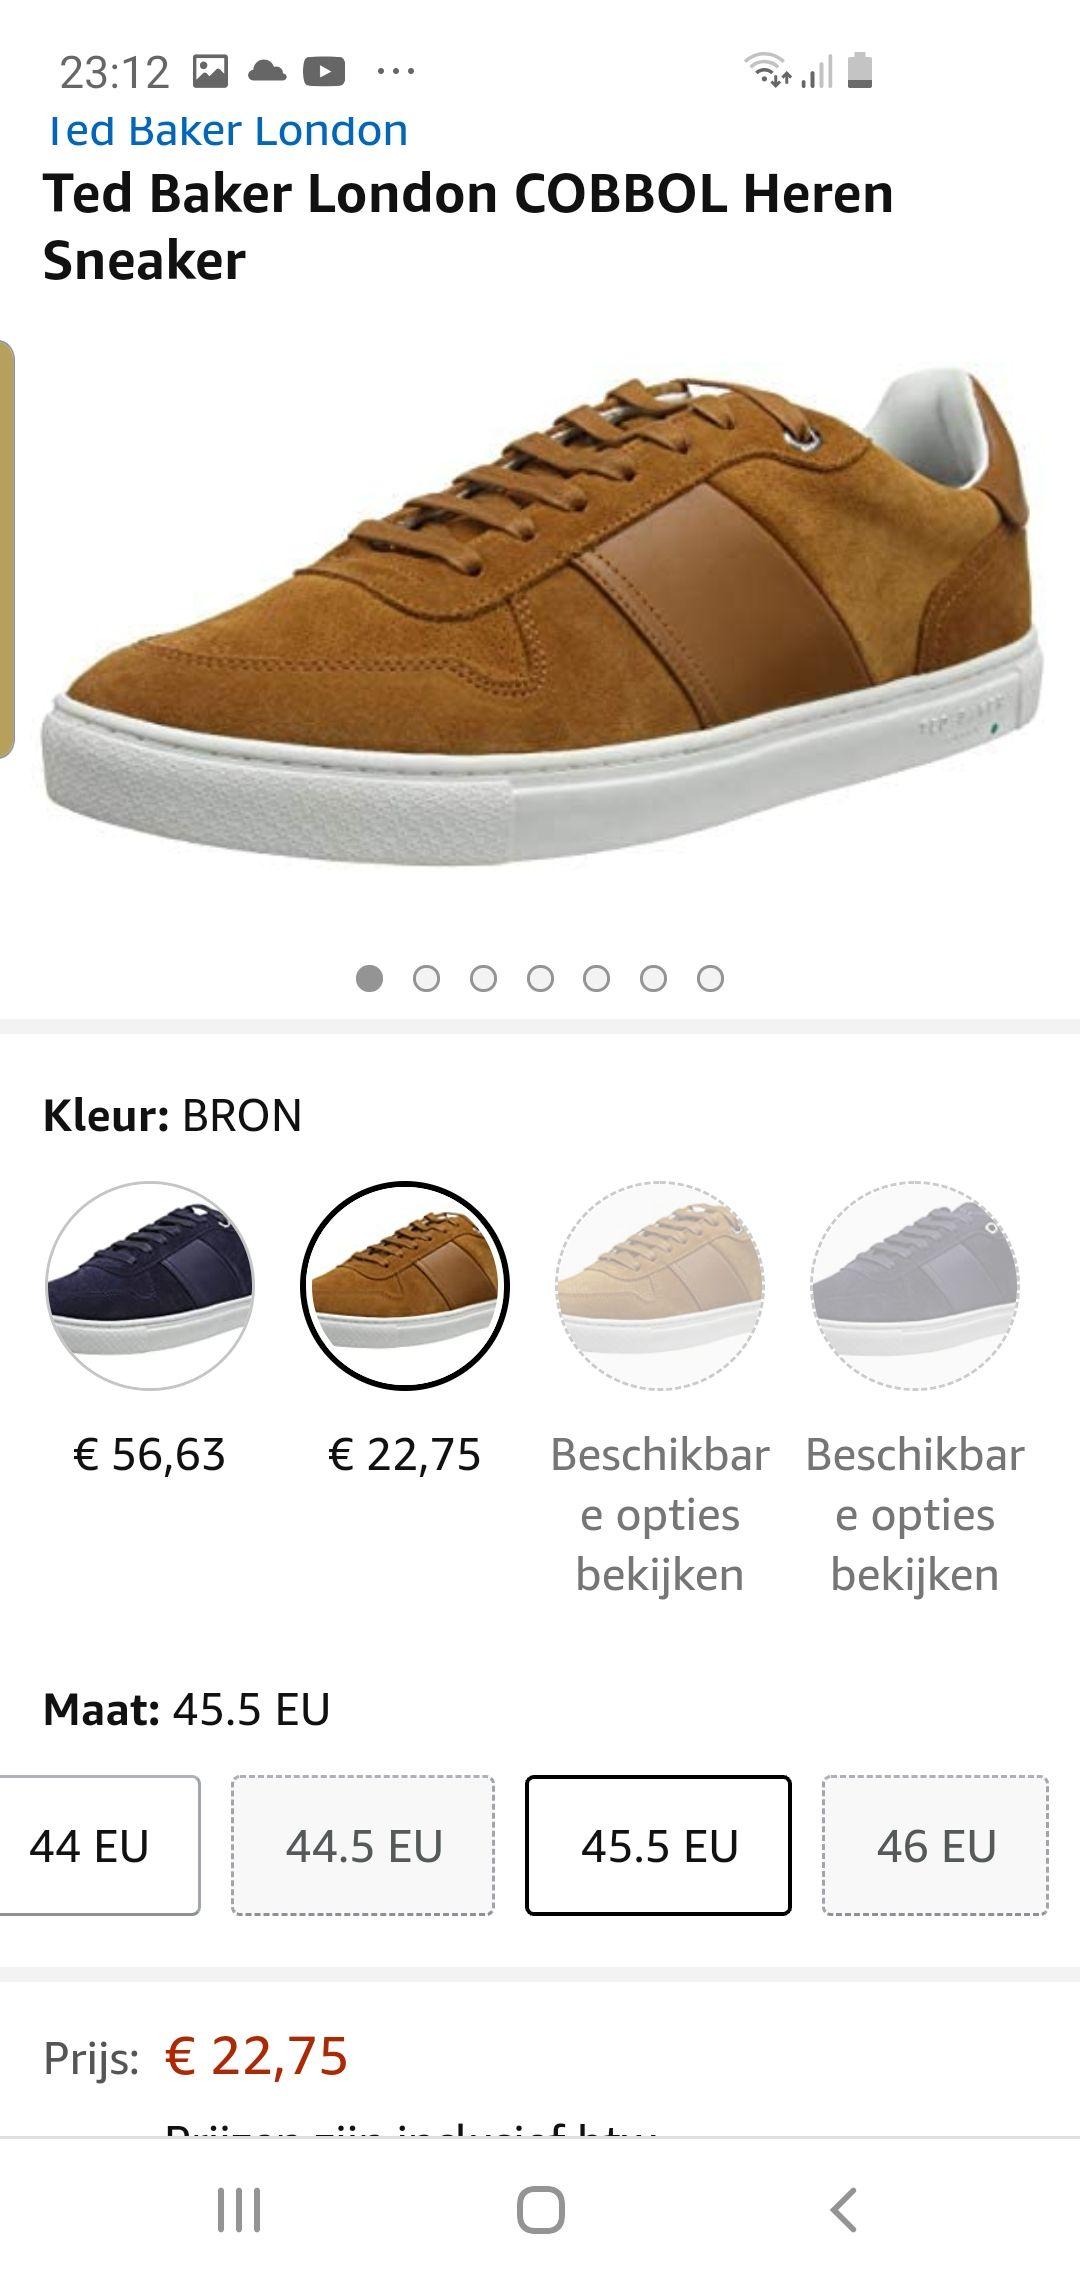 Ted Baker London COBBOL Heren Sneaker